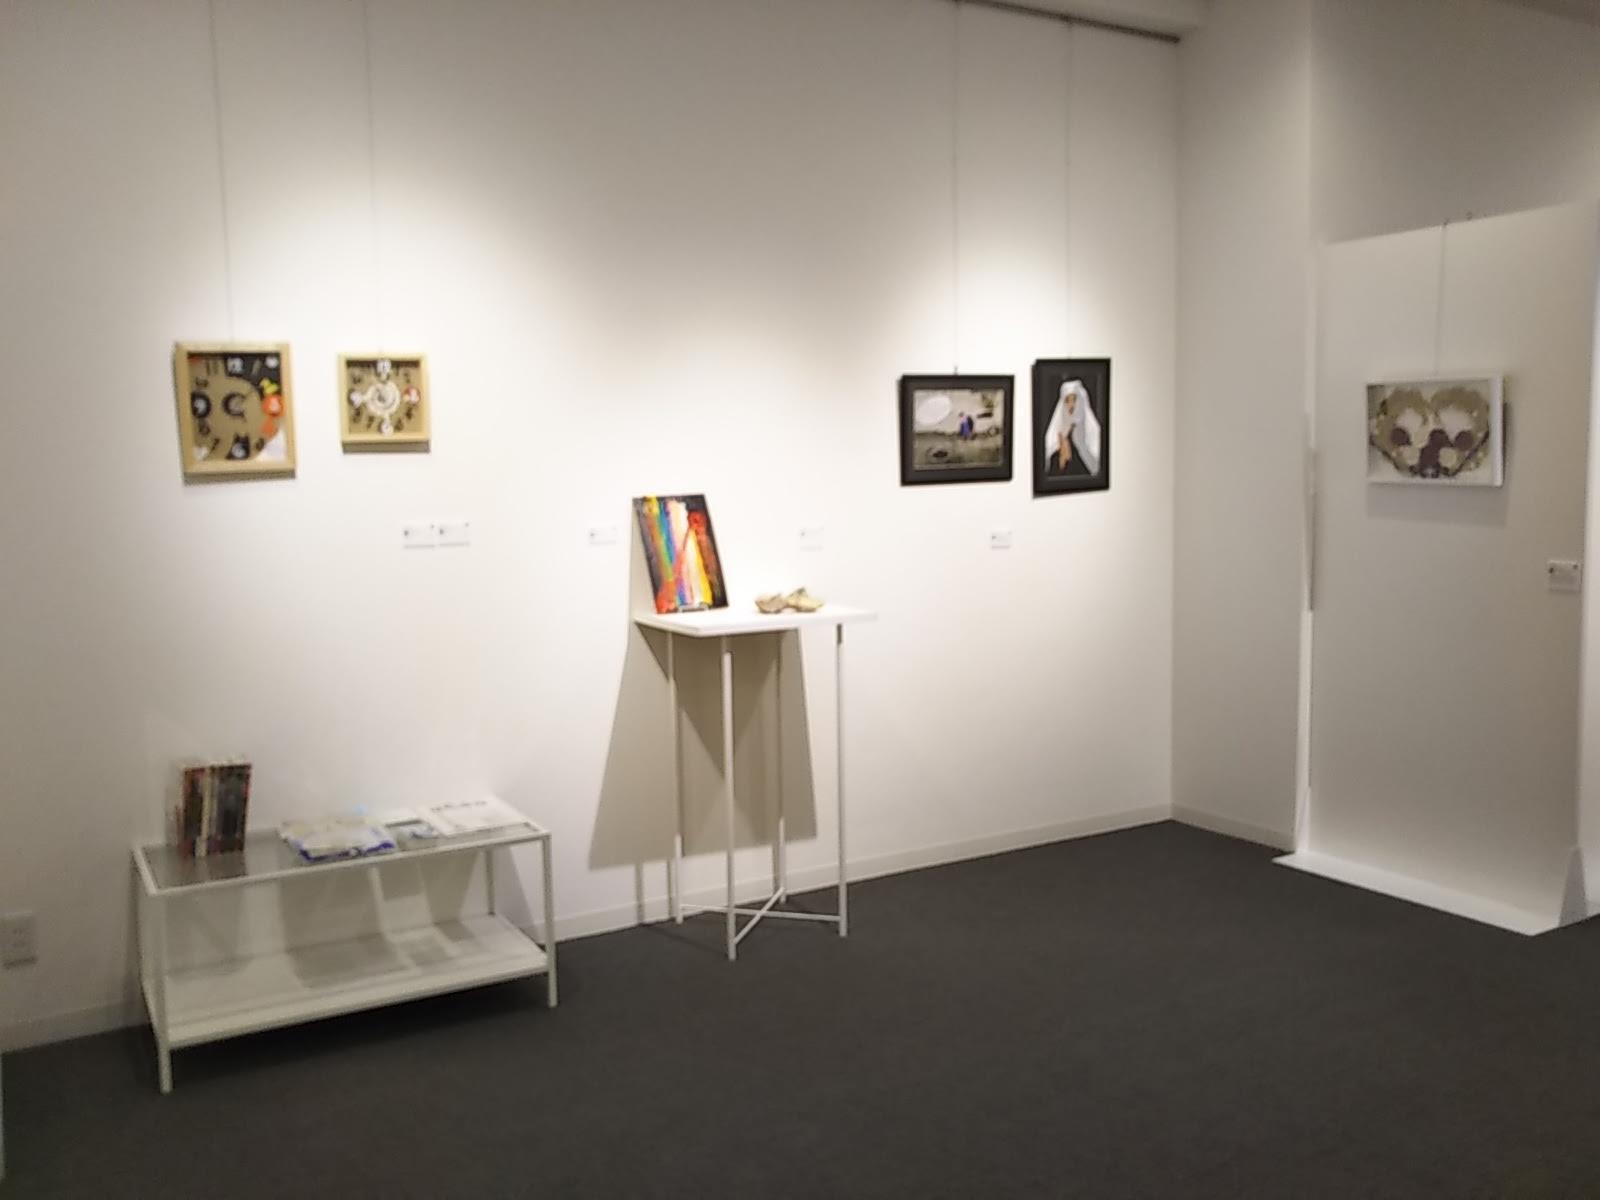 ジャルフォ京都画廊にて展覧会開催中です_b0182223_14034591.jpeg